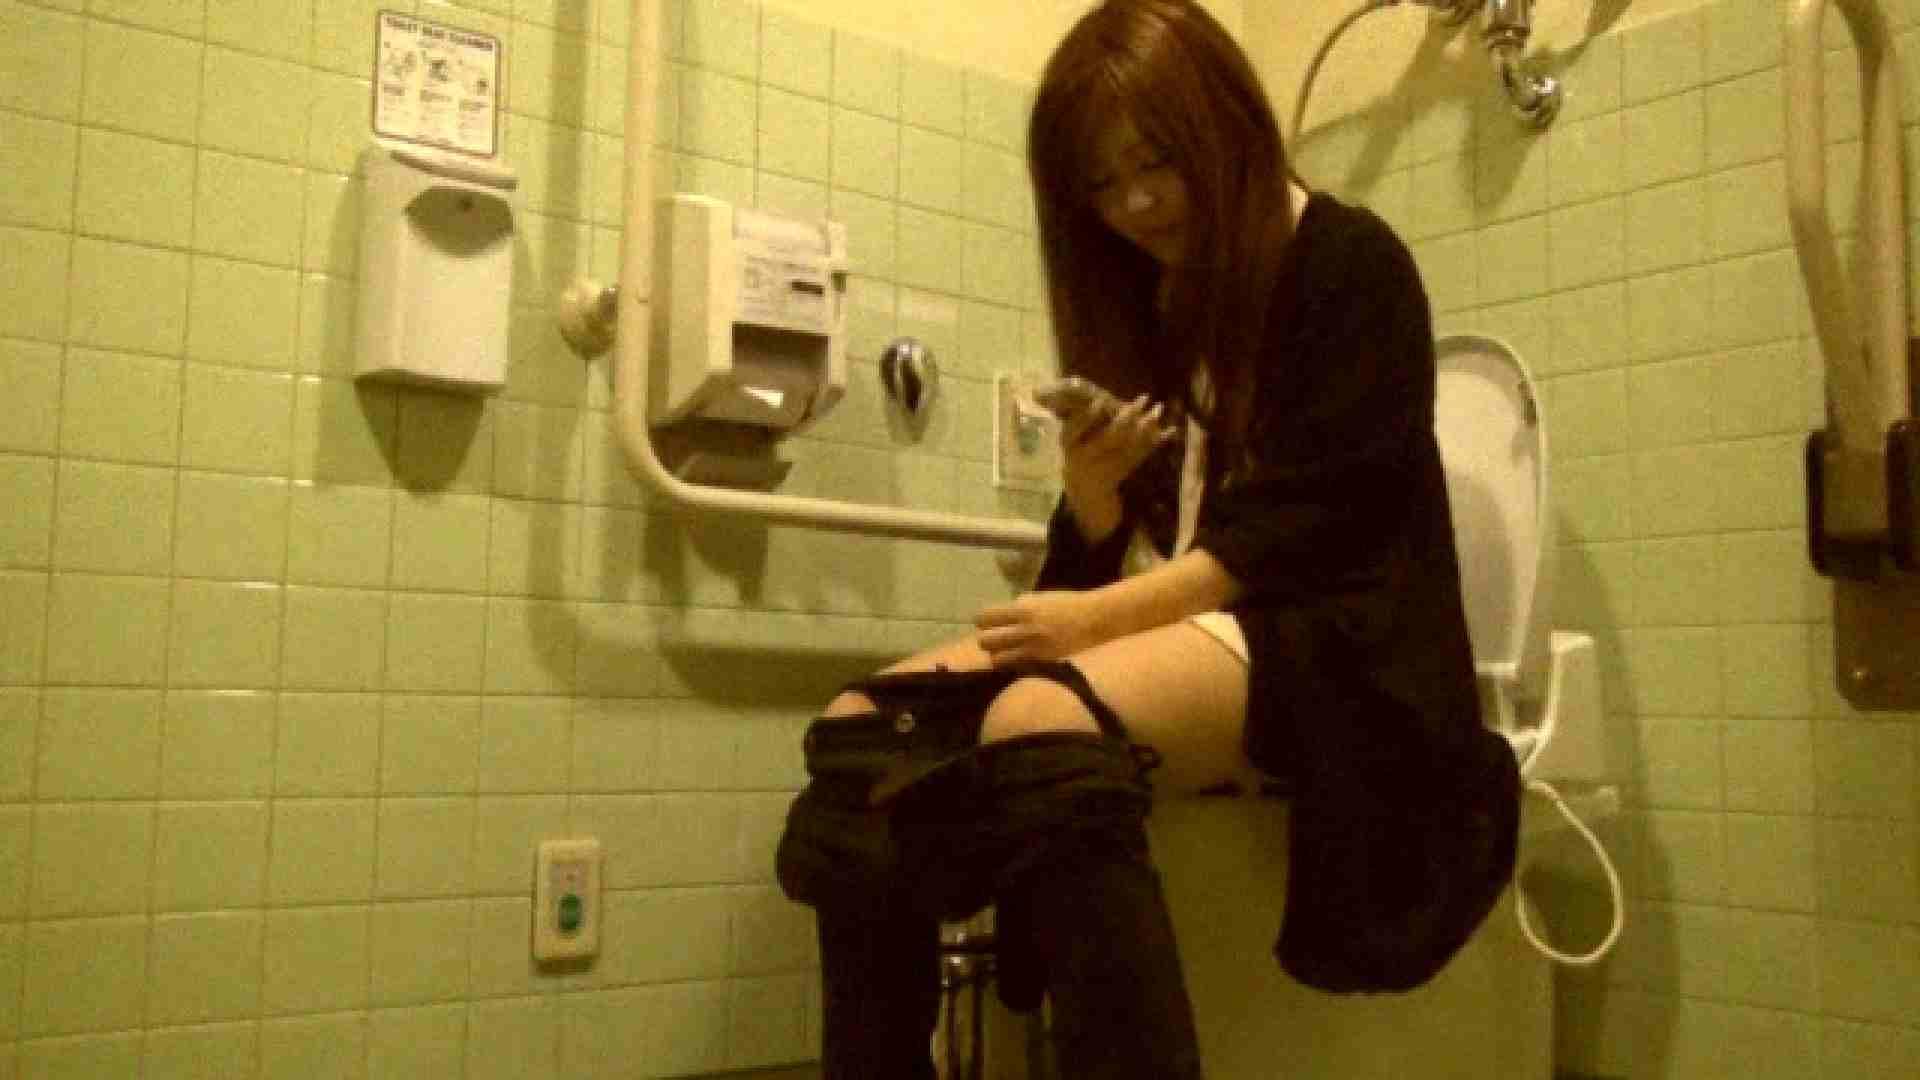 魔術師の お・も・て・な・し vol.26 19歳のバーの店員さんの洗面所をしばし… 洗面所 | 美女OL  54連発 23